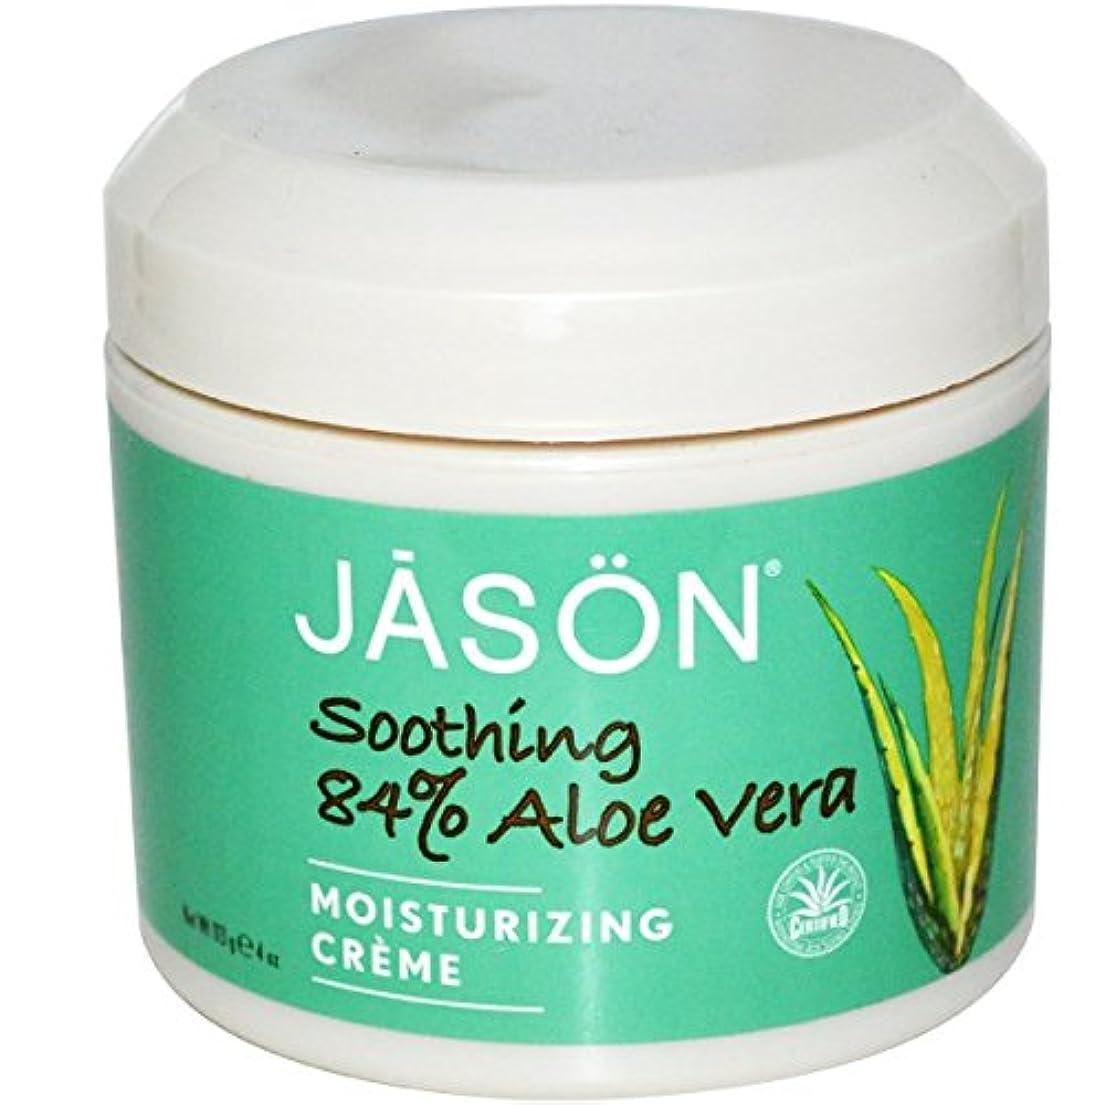 製品呼吸するカウンターパート[海外直送品] ジェイソンナチュラル(Jason Natural) ウルトラコンフォーティングクリーム アロエ84% 113g